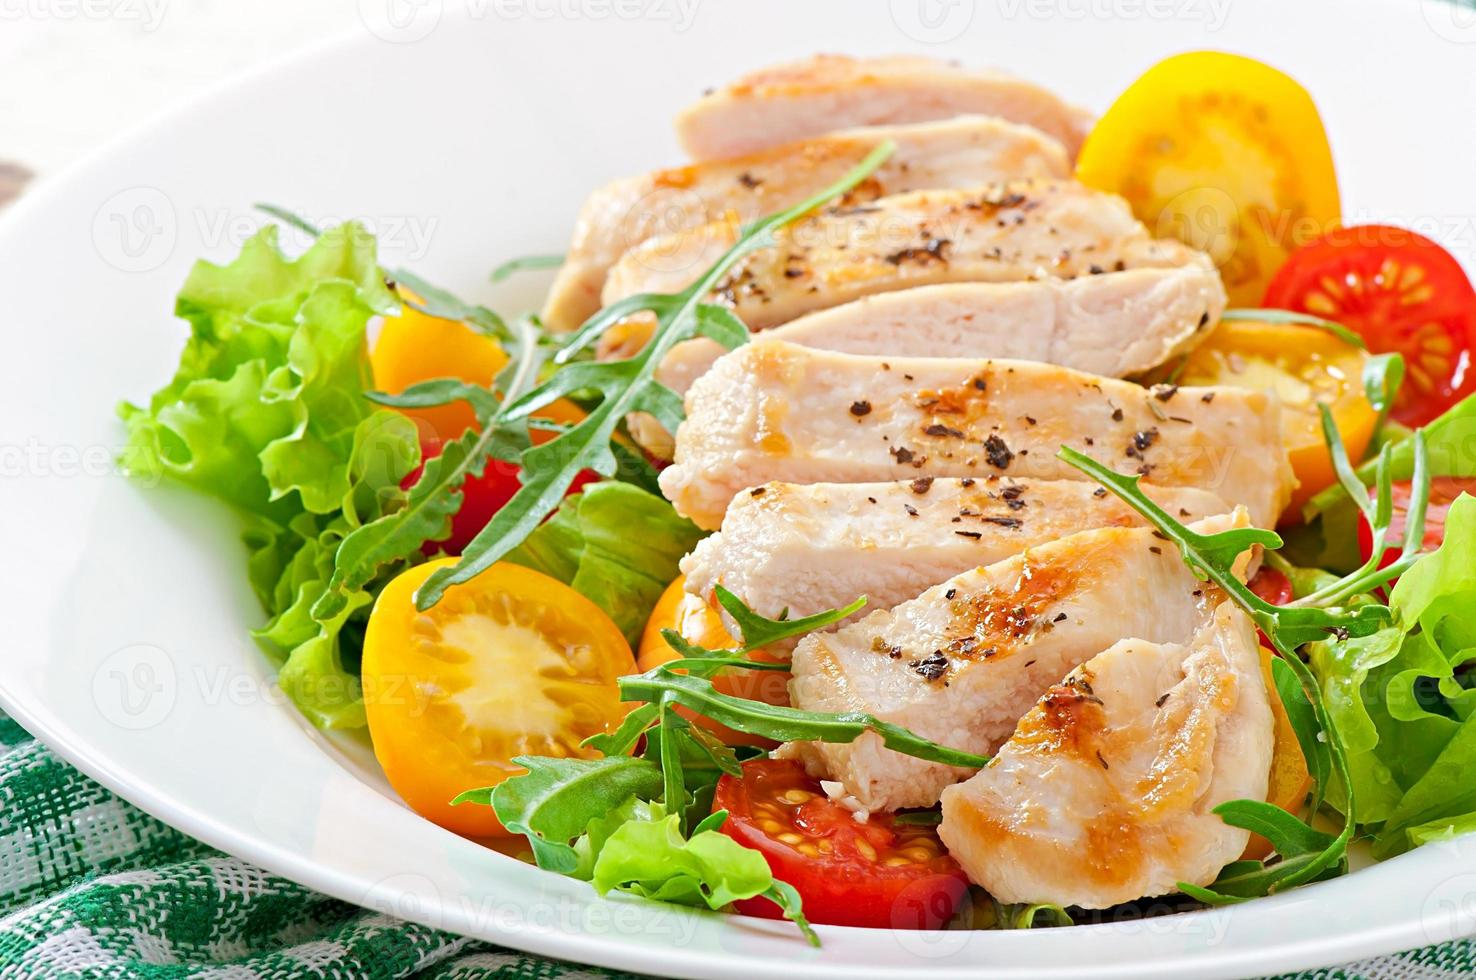 Gegrillte Hähnchenbrust und frischer Salat foto